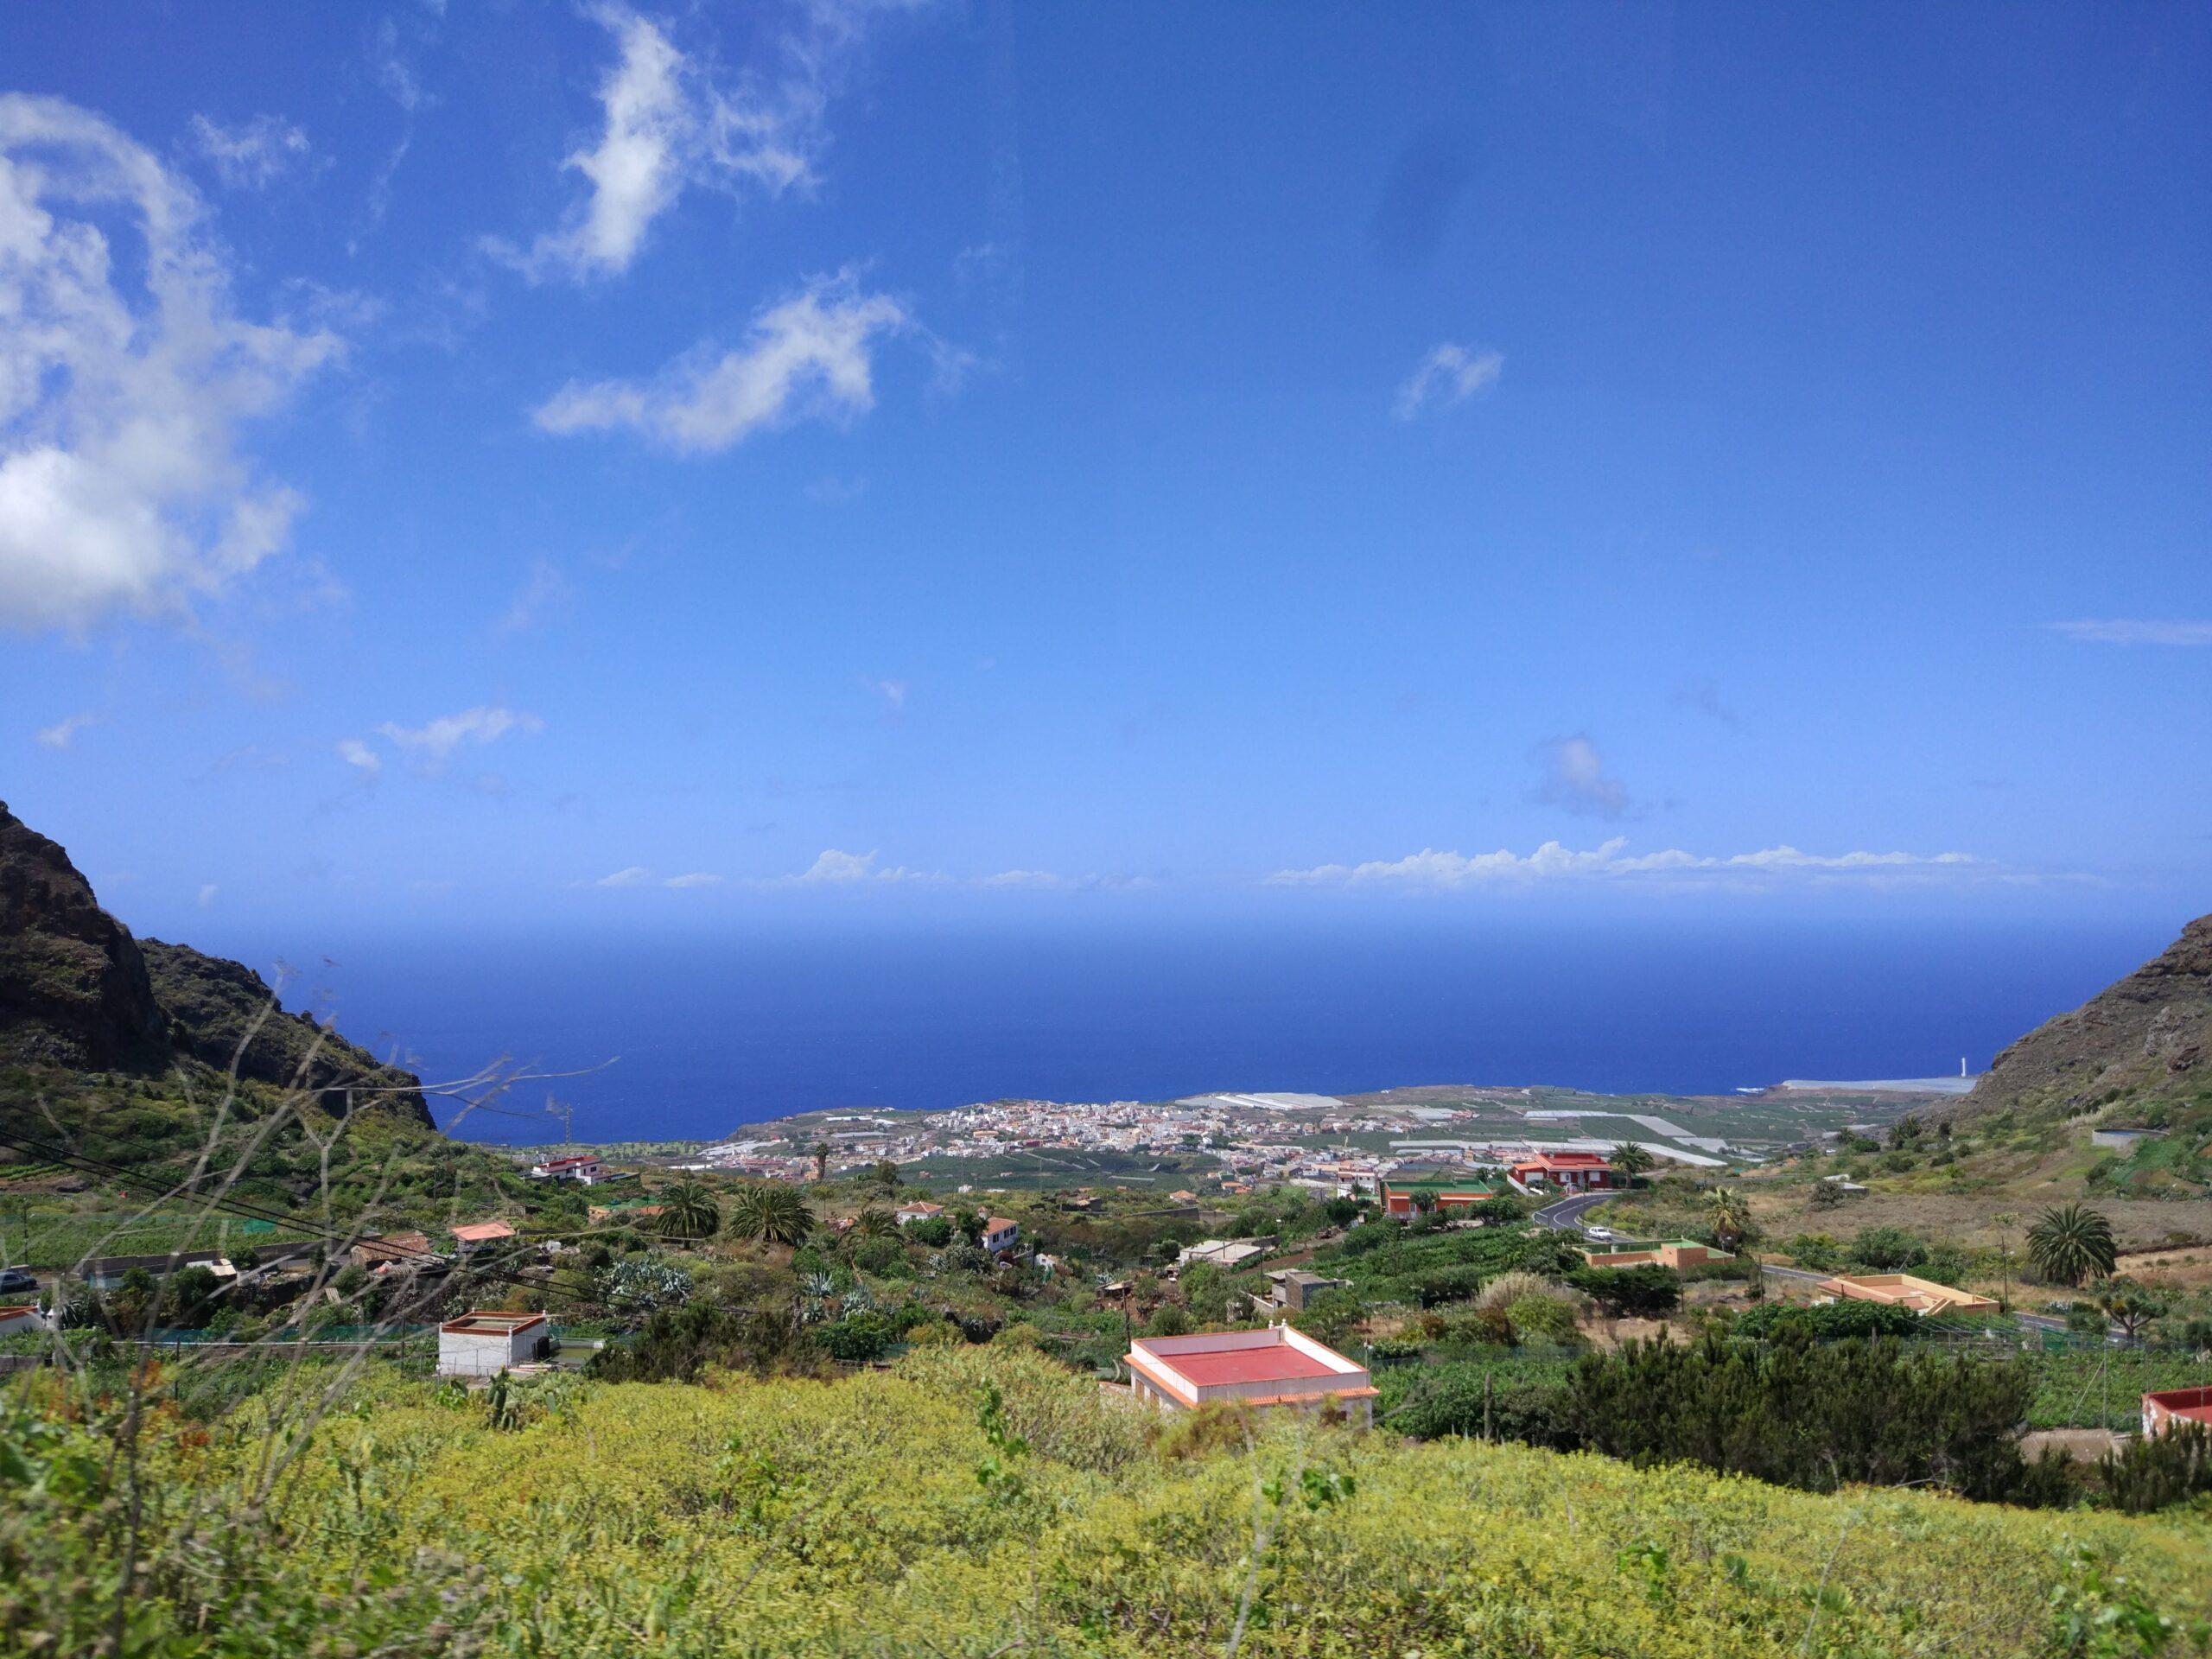 Fordele ved at bo i Spanien og på Tenerife